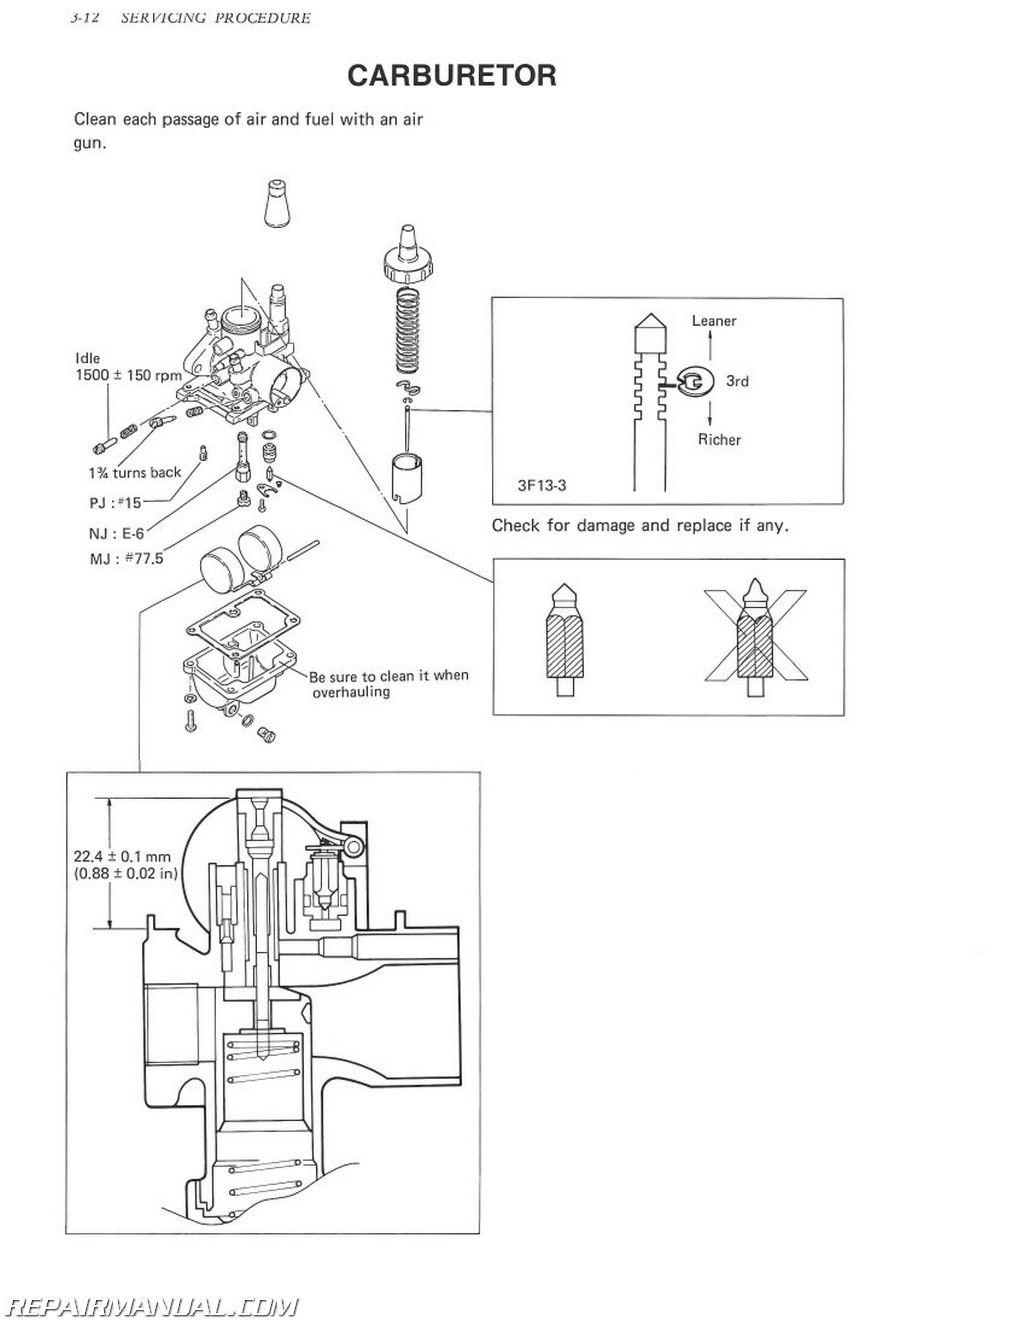 1980 suzuki fz50 wiring diagram